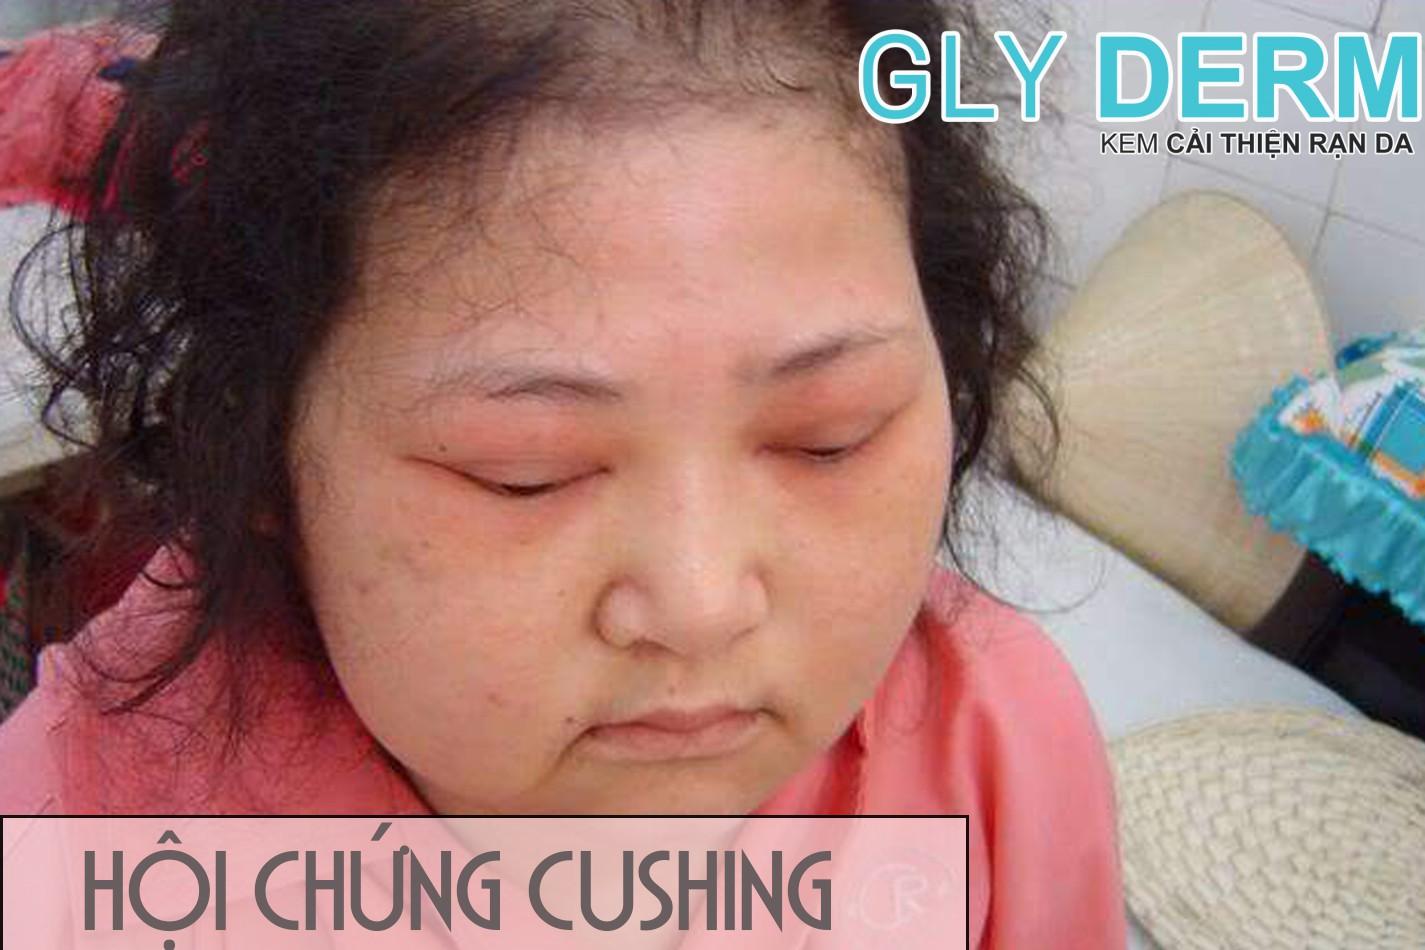 Hội chứng Cushing gây rạn da